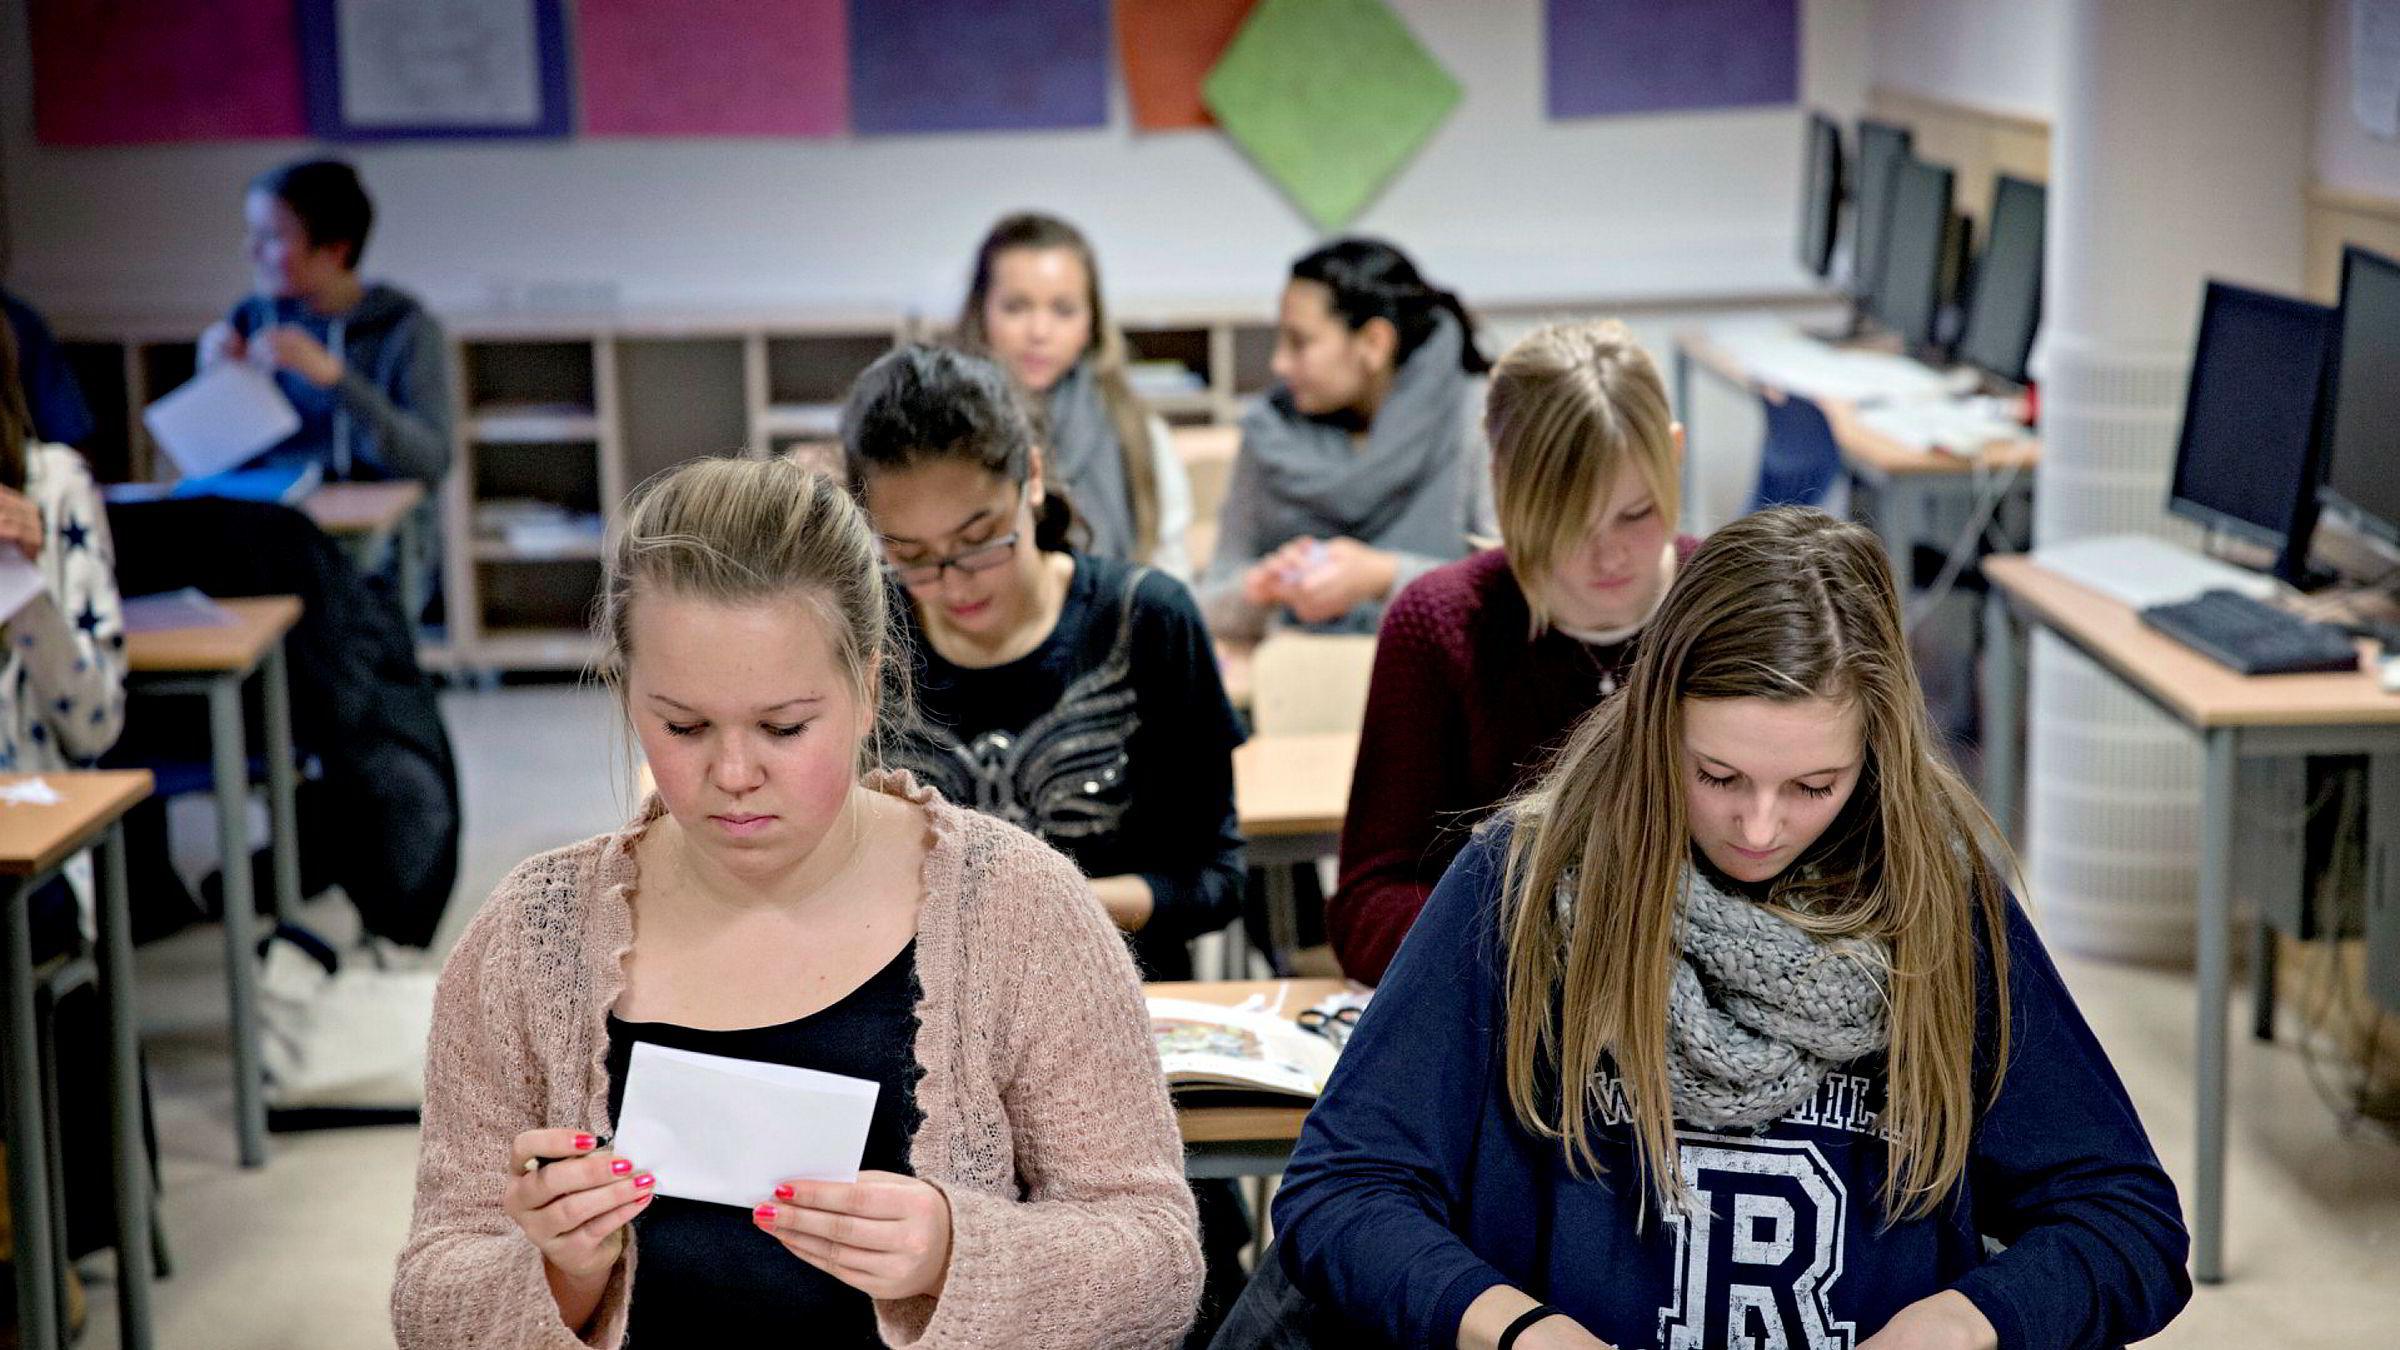 Fraværet i grunnskolen er høyere enn i videregående. Nå vurderer regjeringen å innføre fraværsgrense også for Grunnskolen.